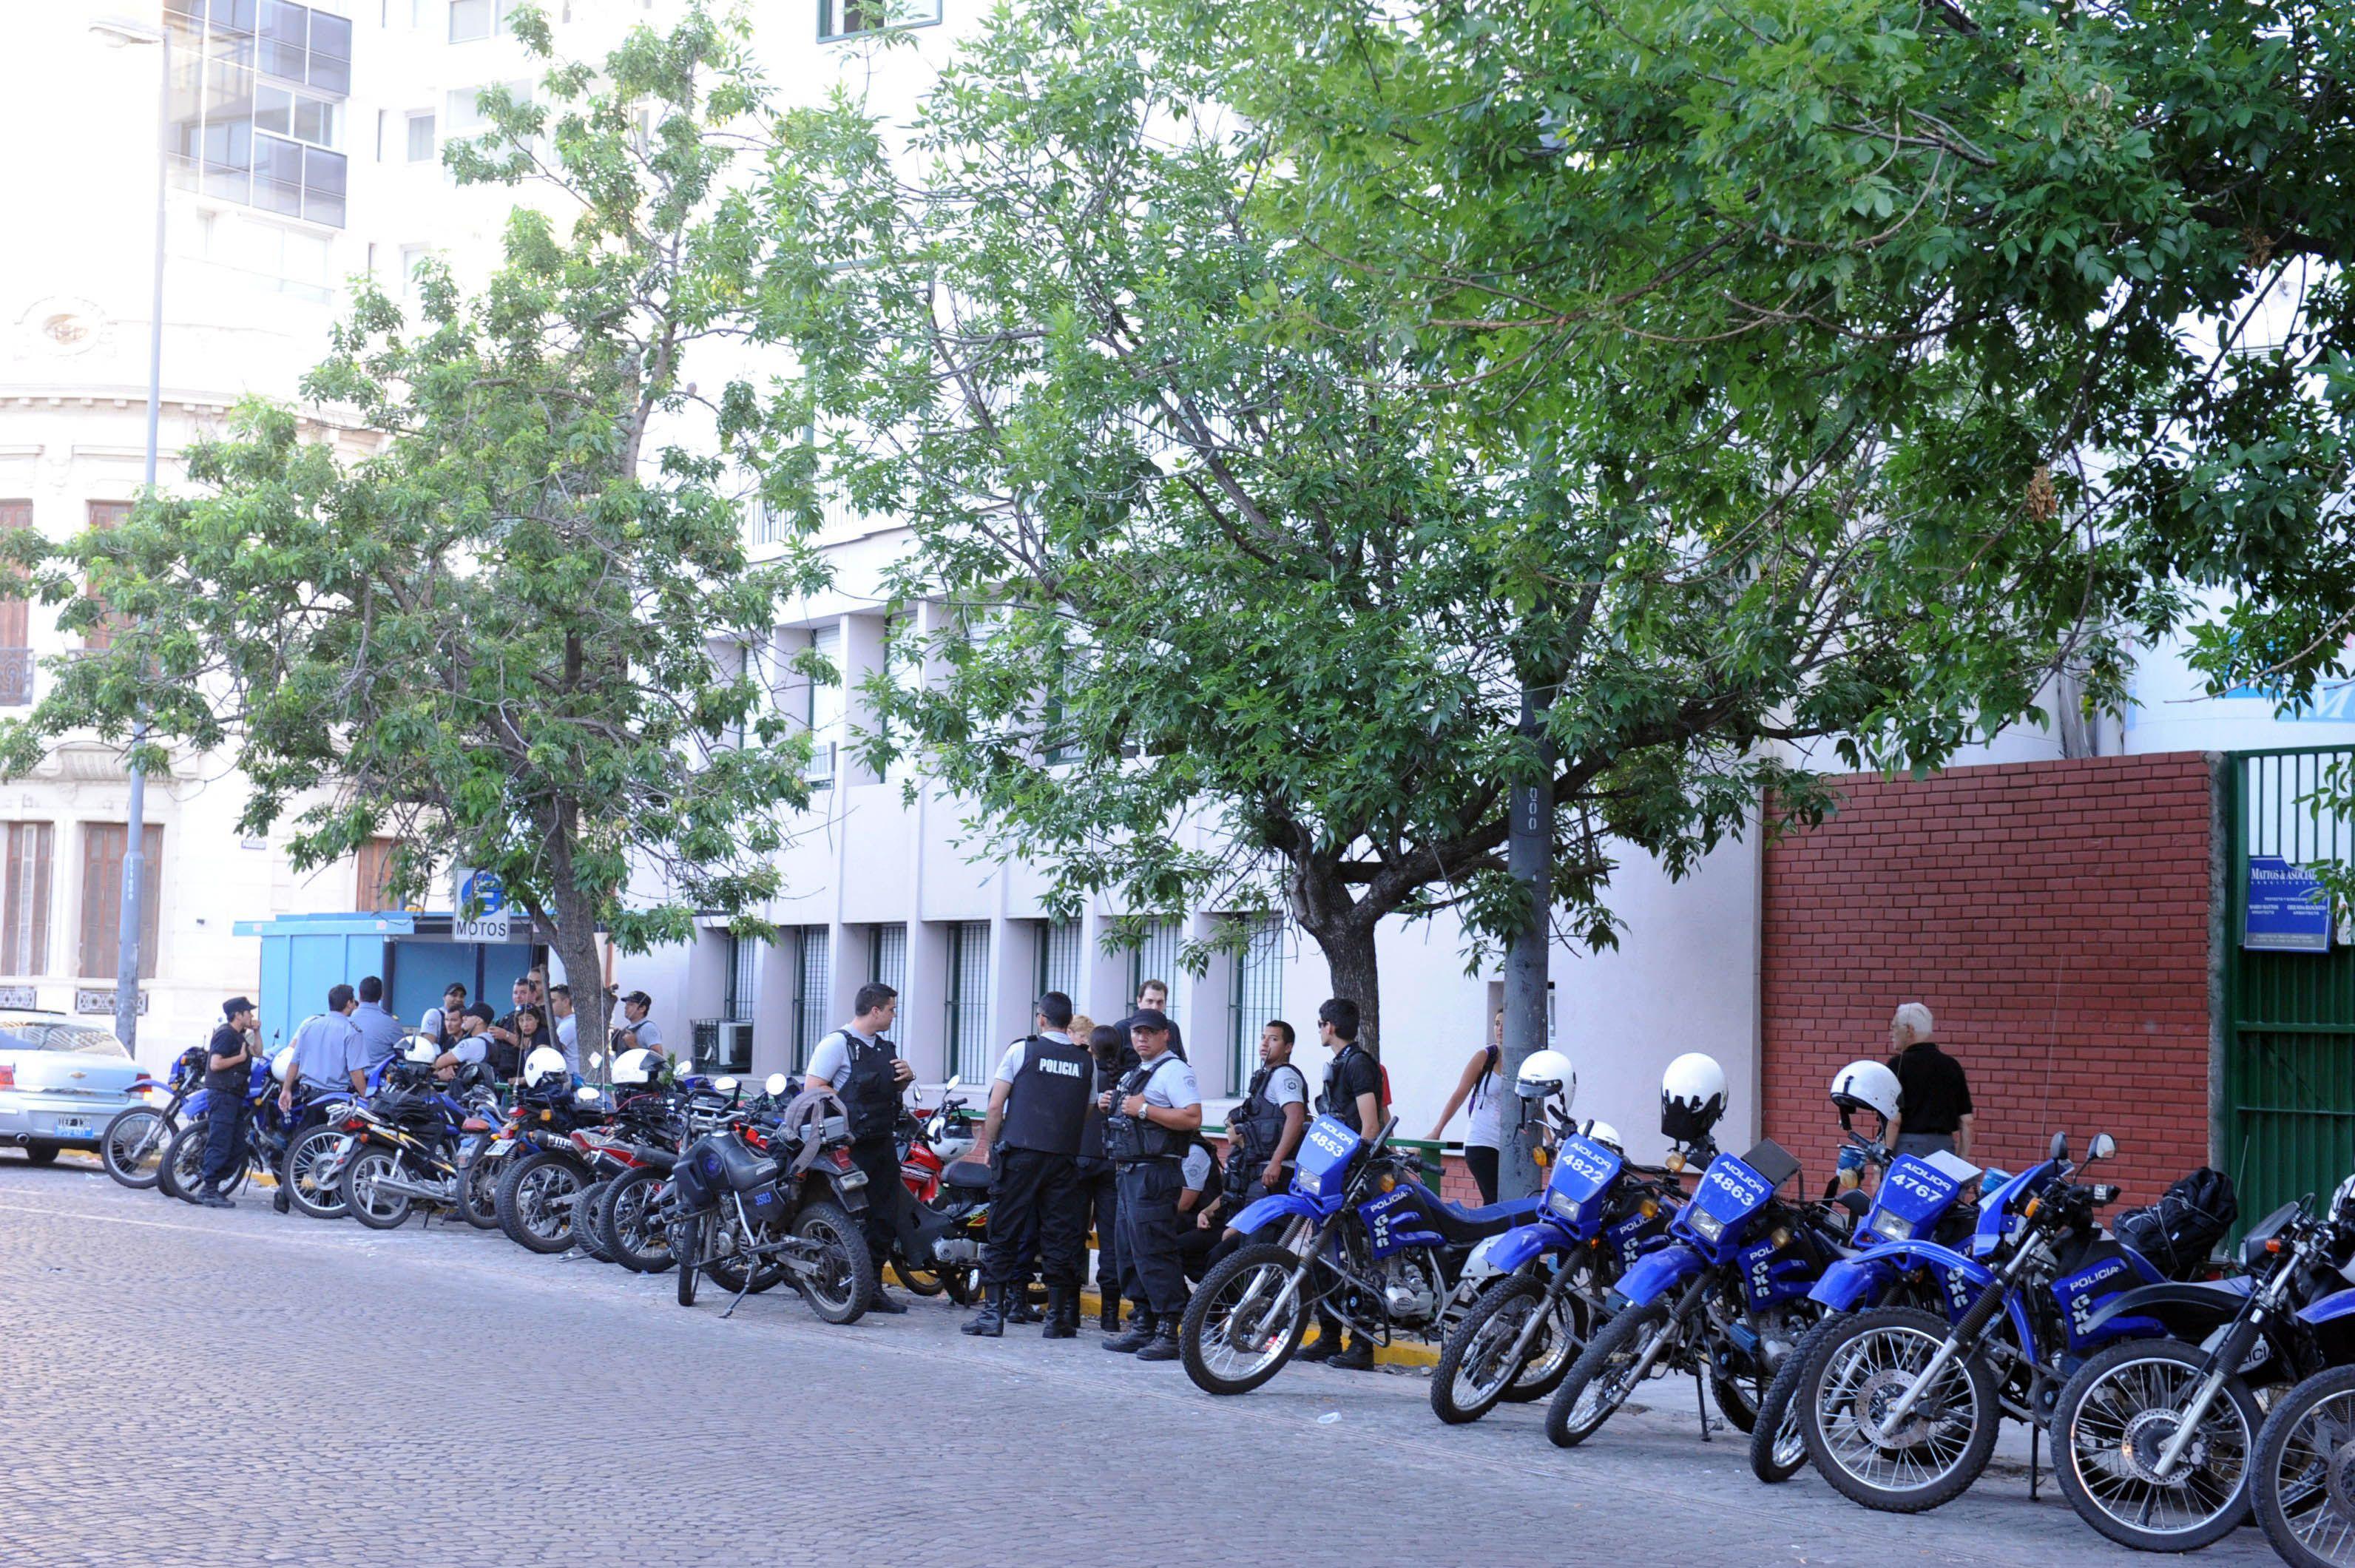 Los compañeros del policía accidentado acompañaron a los familiares y plantearon demandas. (Foto: G. de los Ríos)